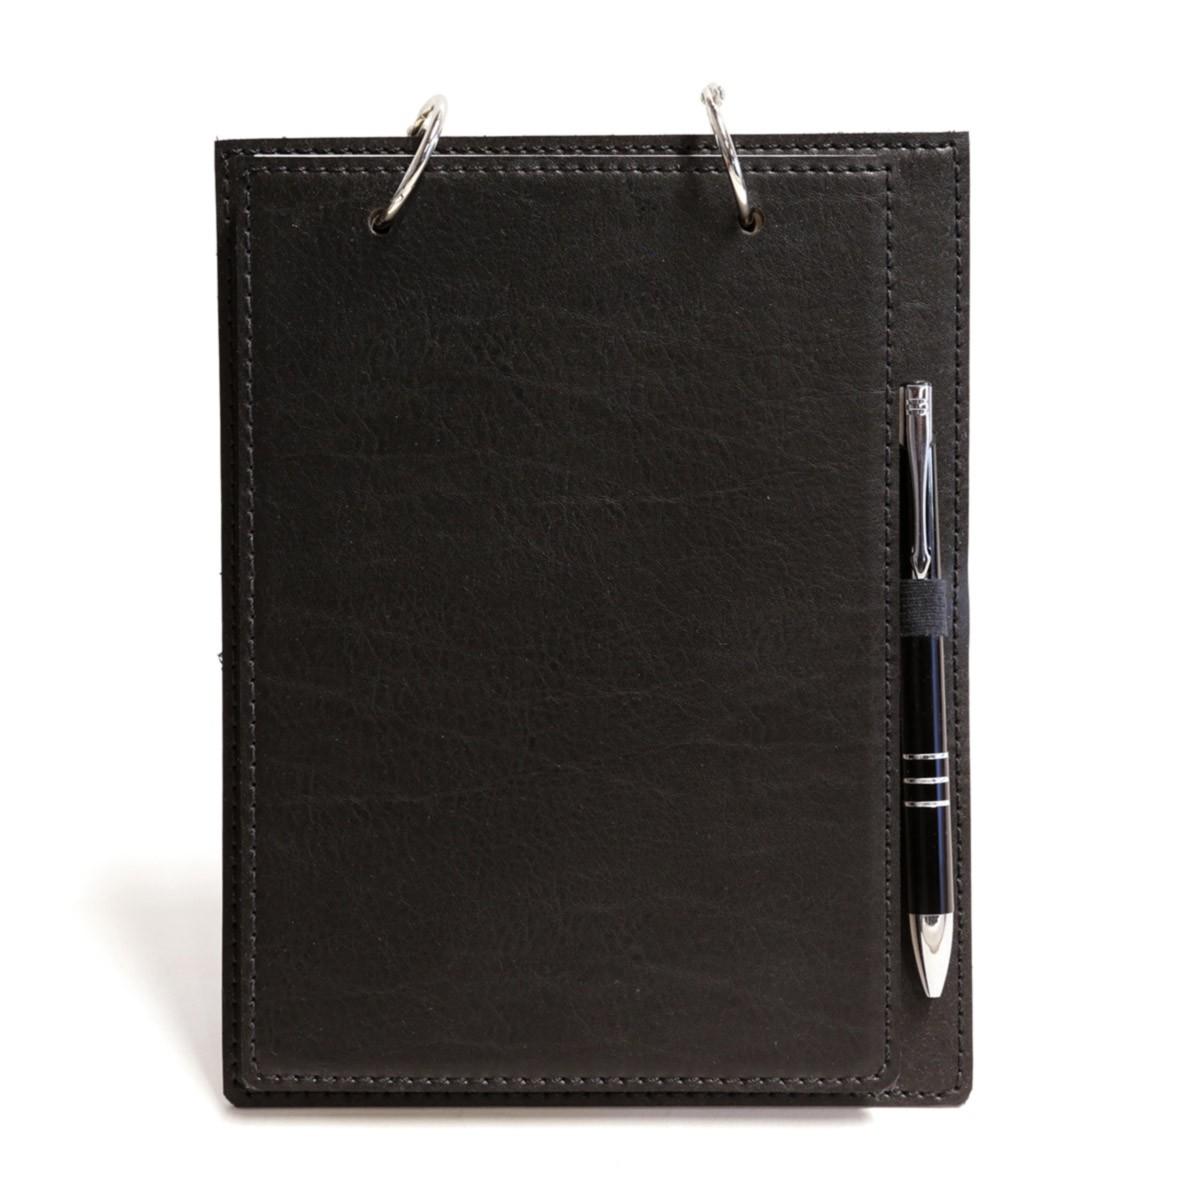 Bloco argola com caneta (Montana Preto)